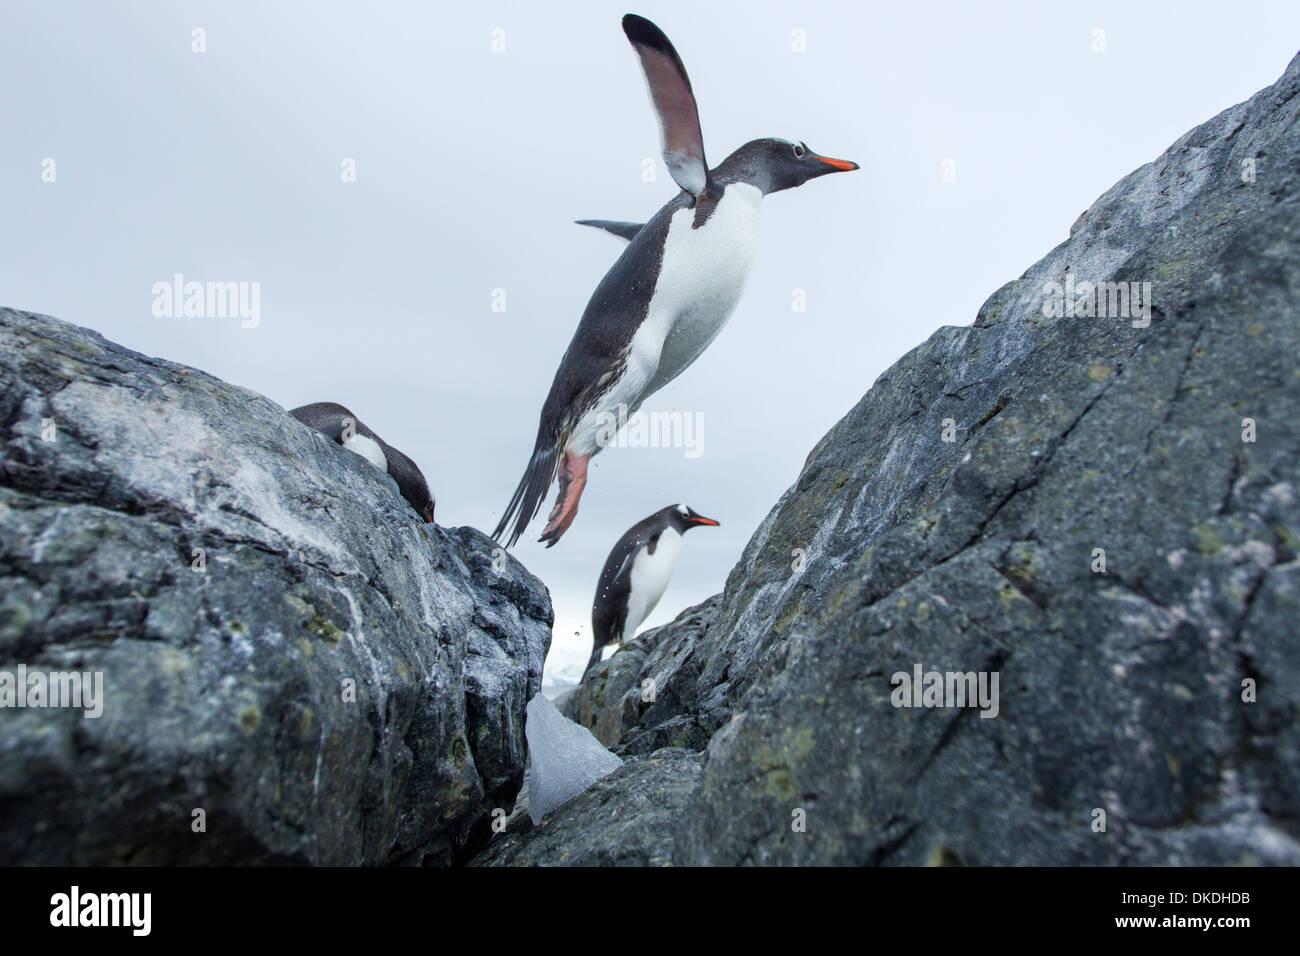 La Antártida, Isla Cuverville, pingüinos papúa (Pygoscelis papua) saltando del agua en costa rocosa Imagen De Stock